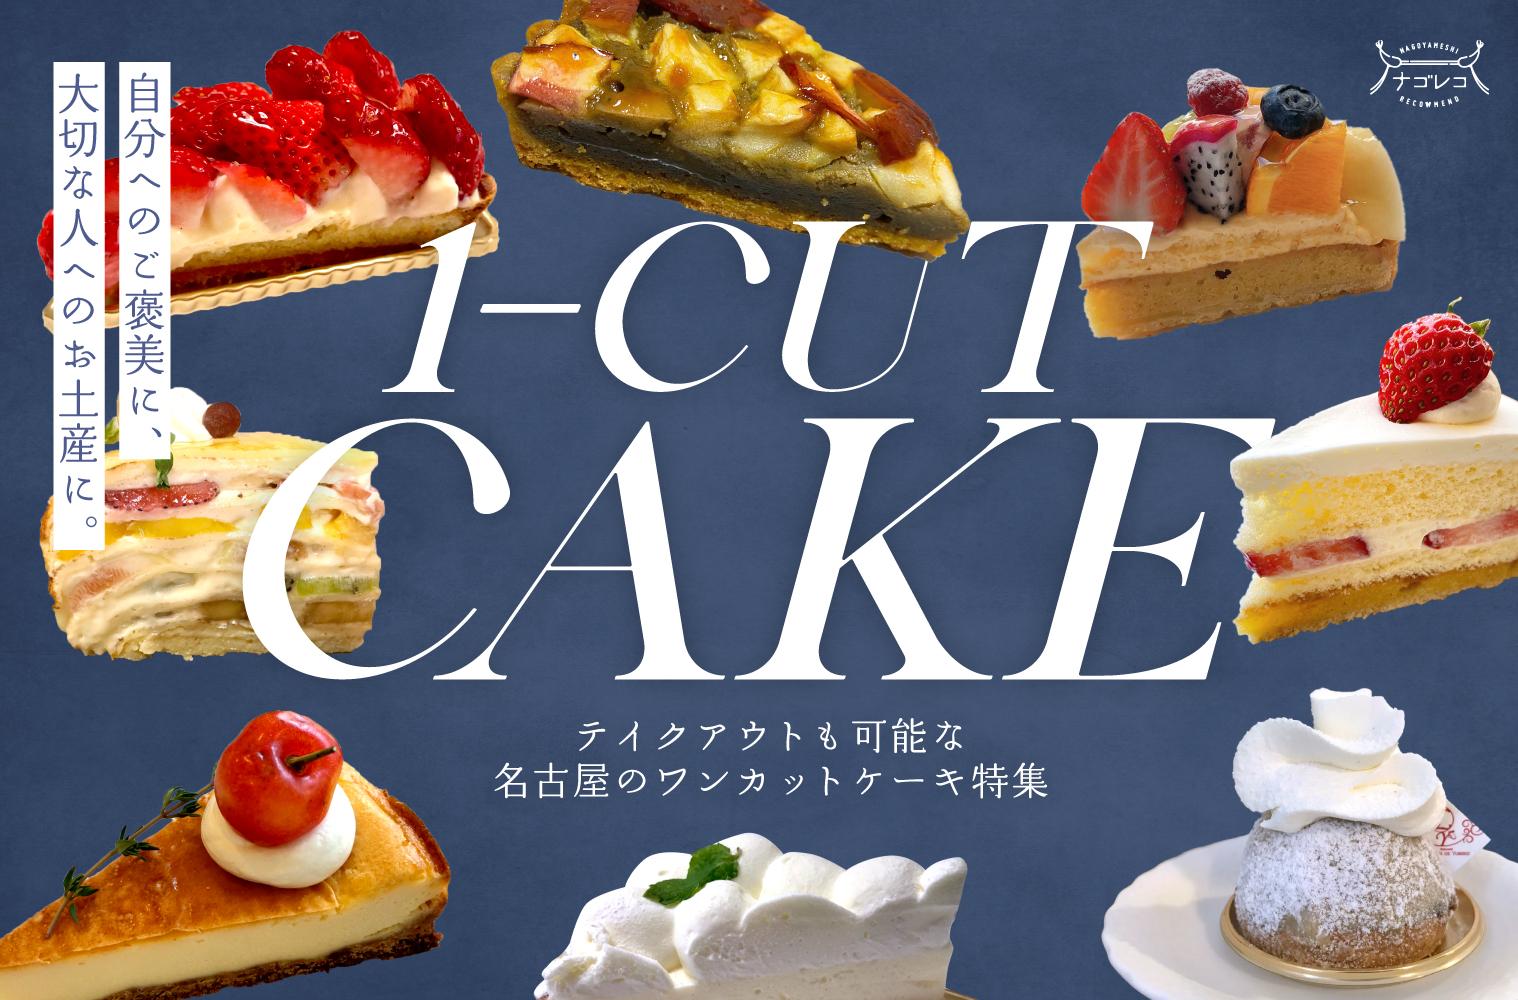 まとめ|テイクアウトも可能な名古屋のワンカットケーキ特集